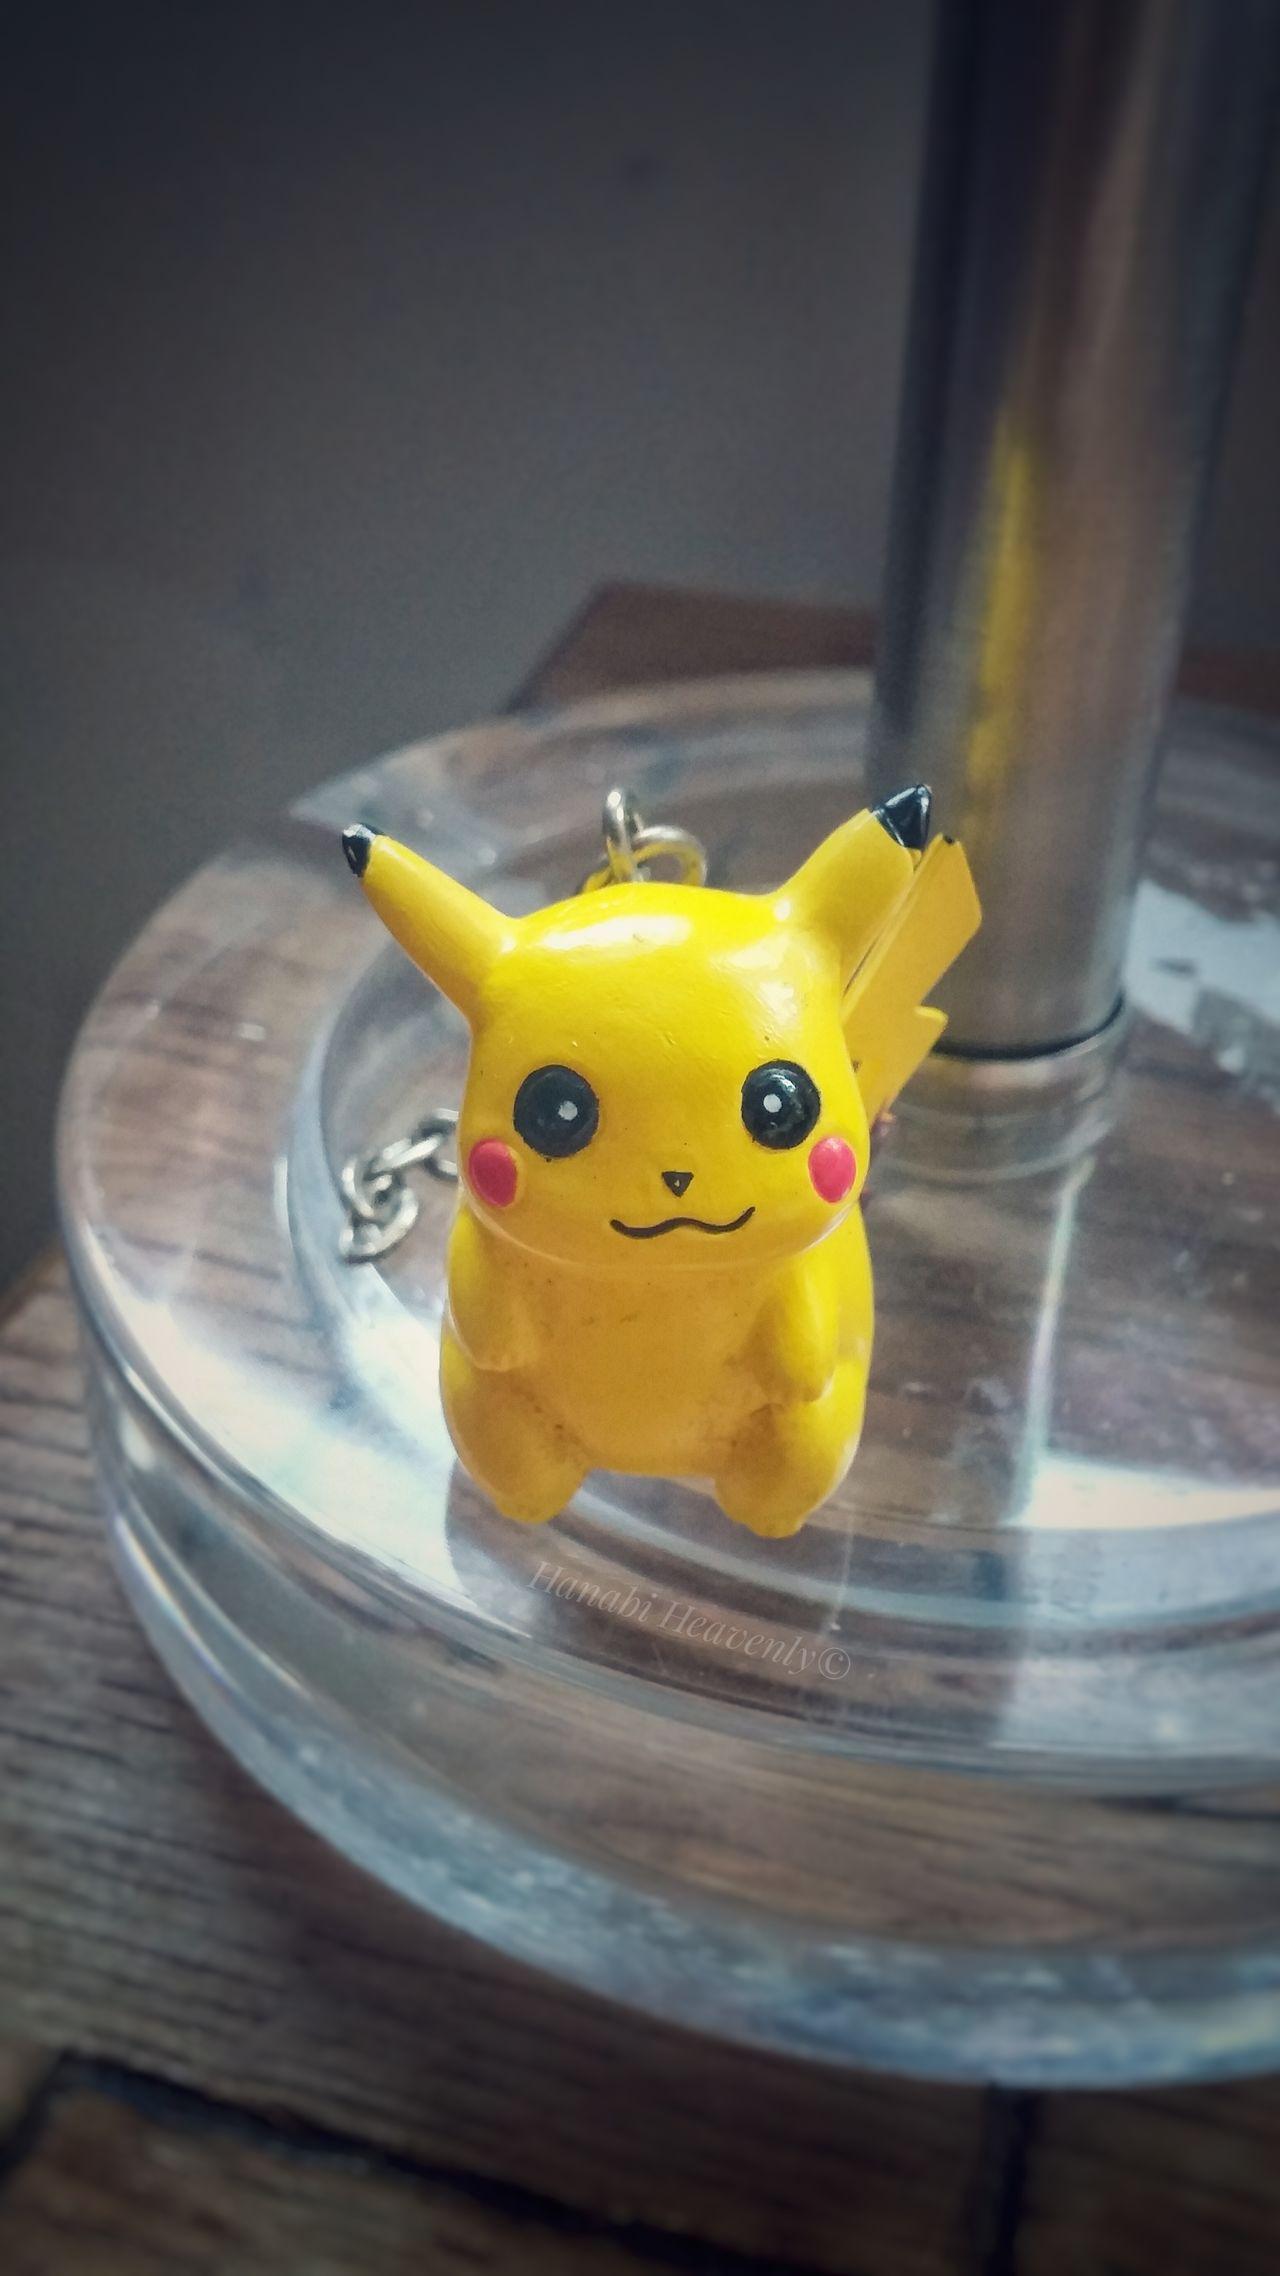 Yellow Pikachu Pokémon Keychains  Cute